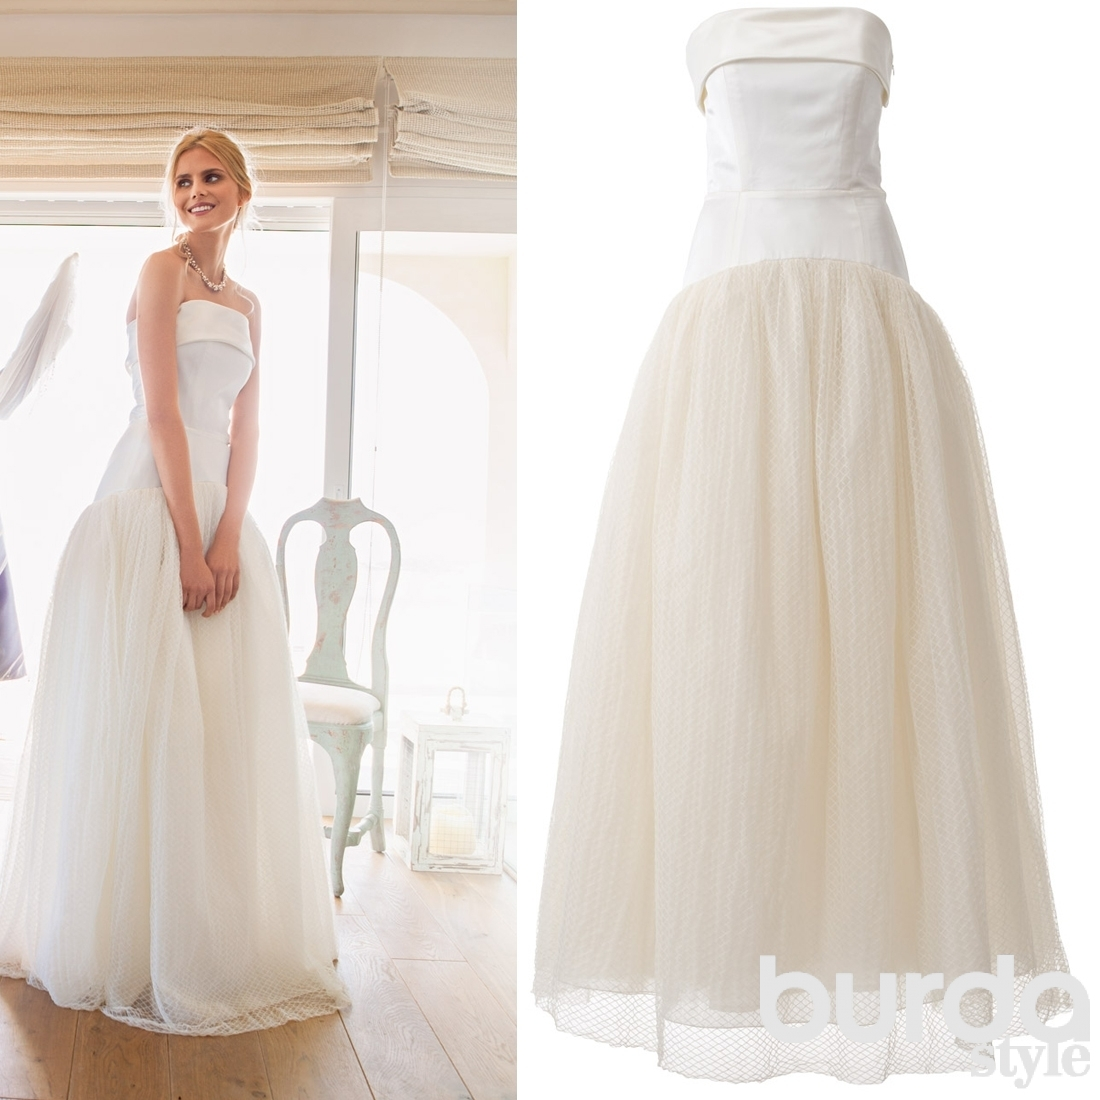 Как отбелить свадебное платье в домашних условиях 7